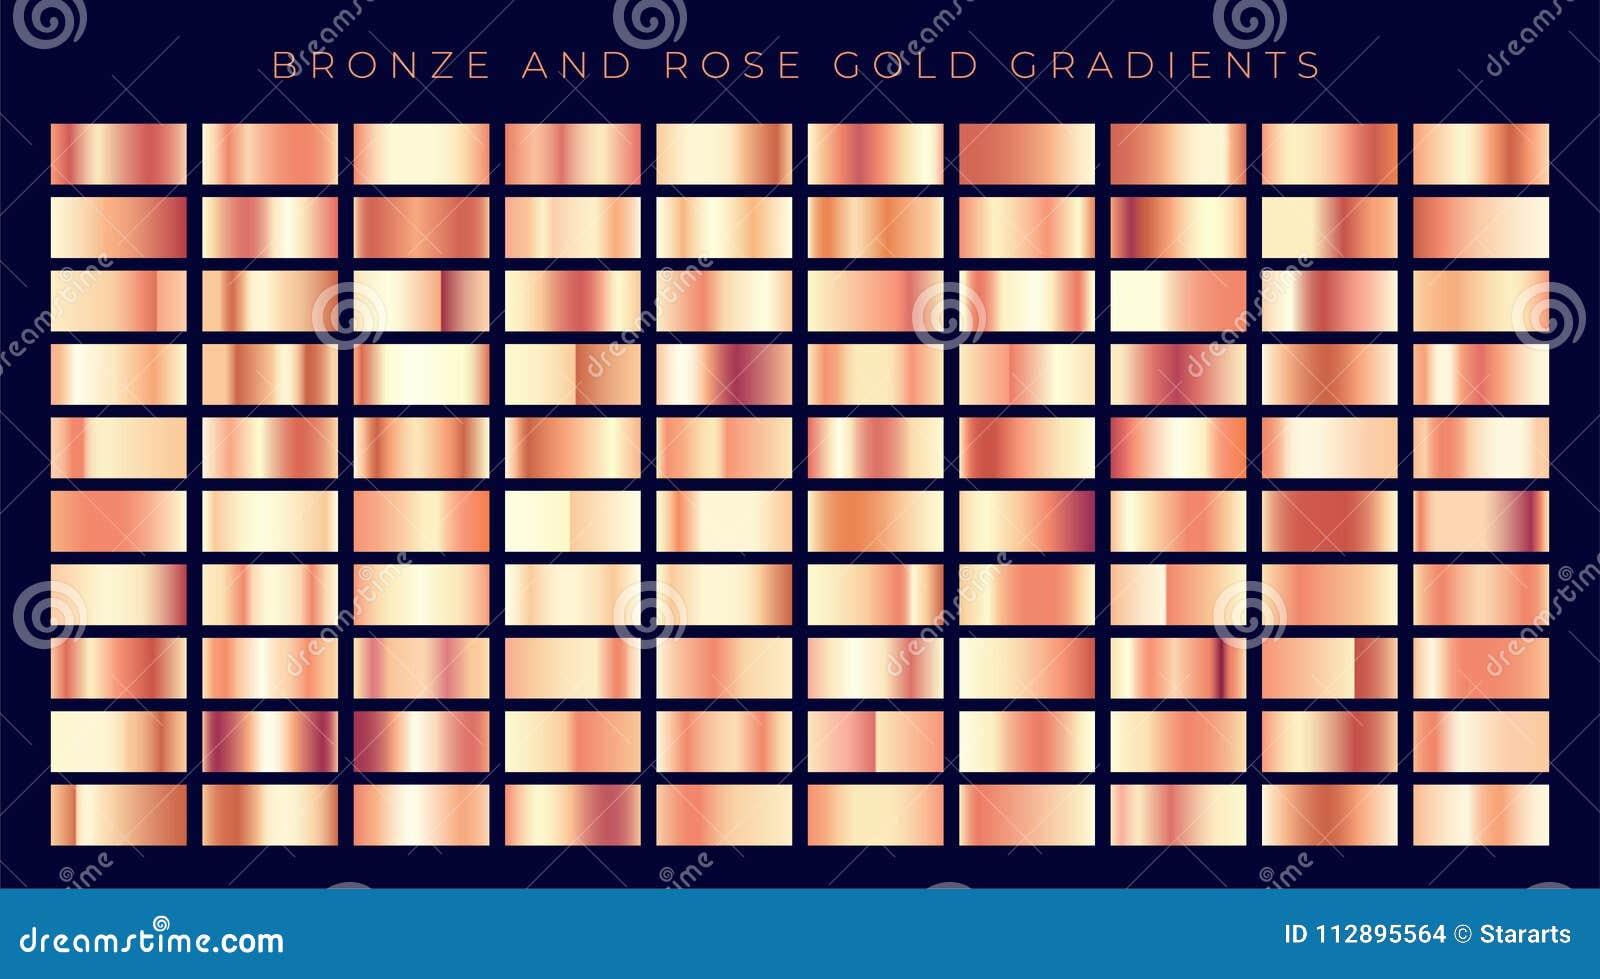 Collection énorme de gradients roses d or ou d en cuivre